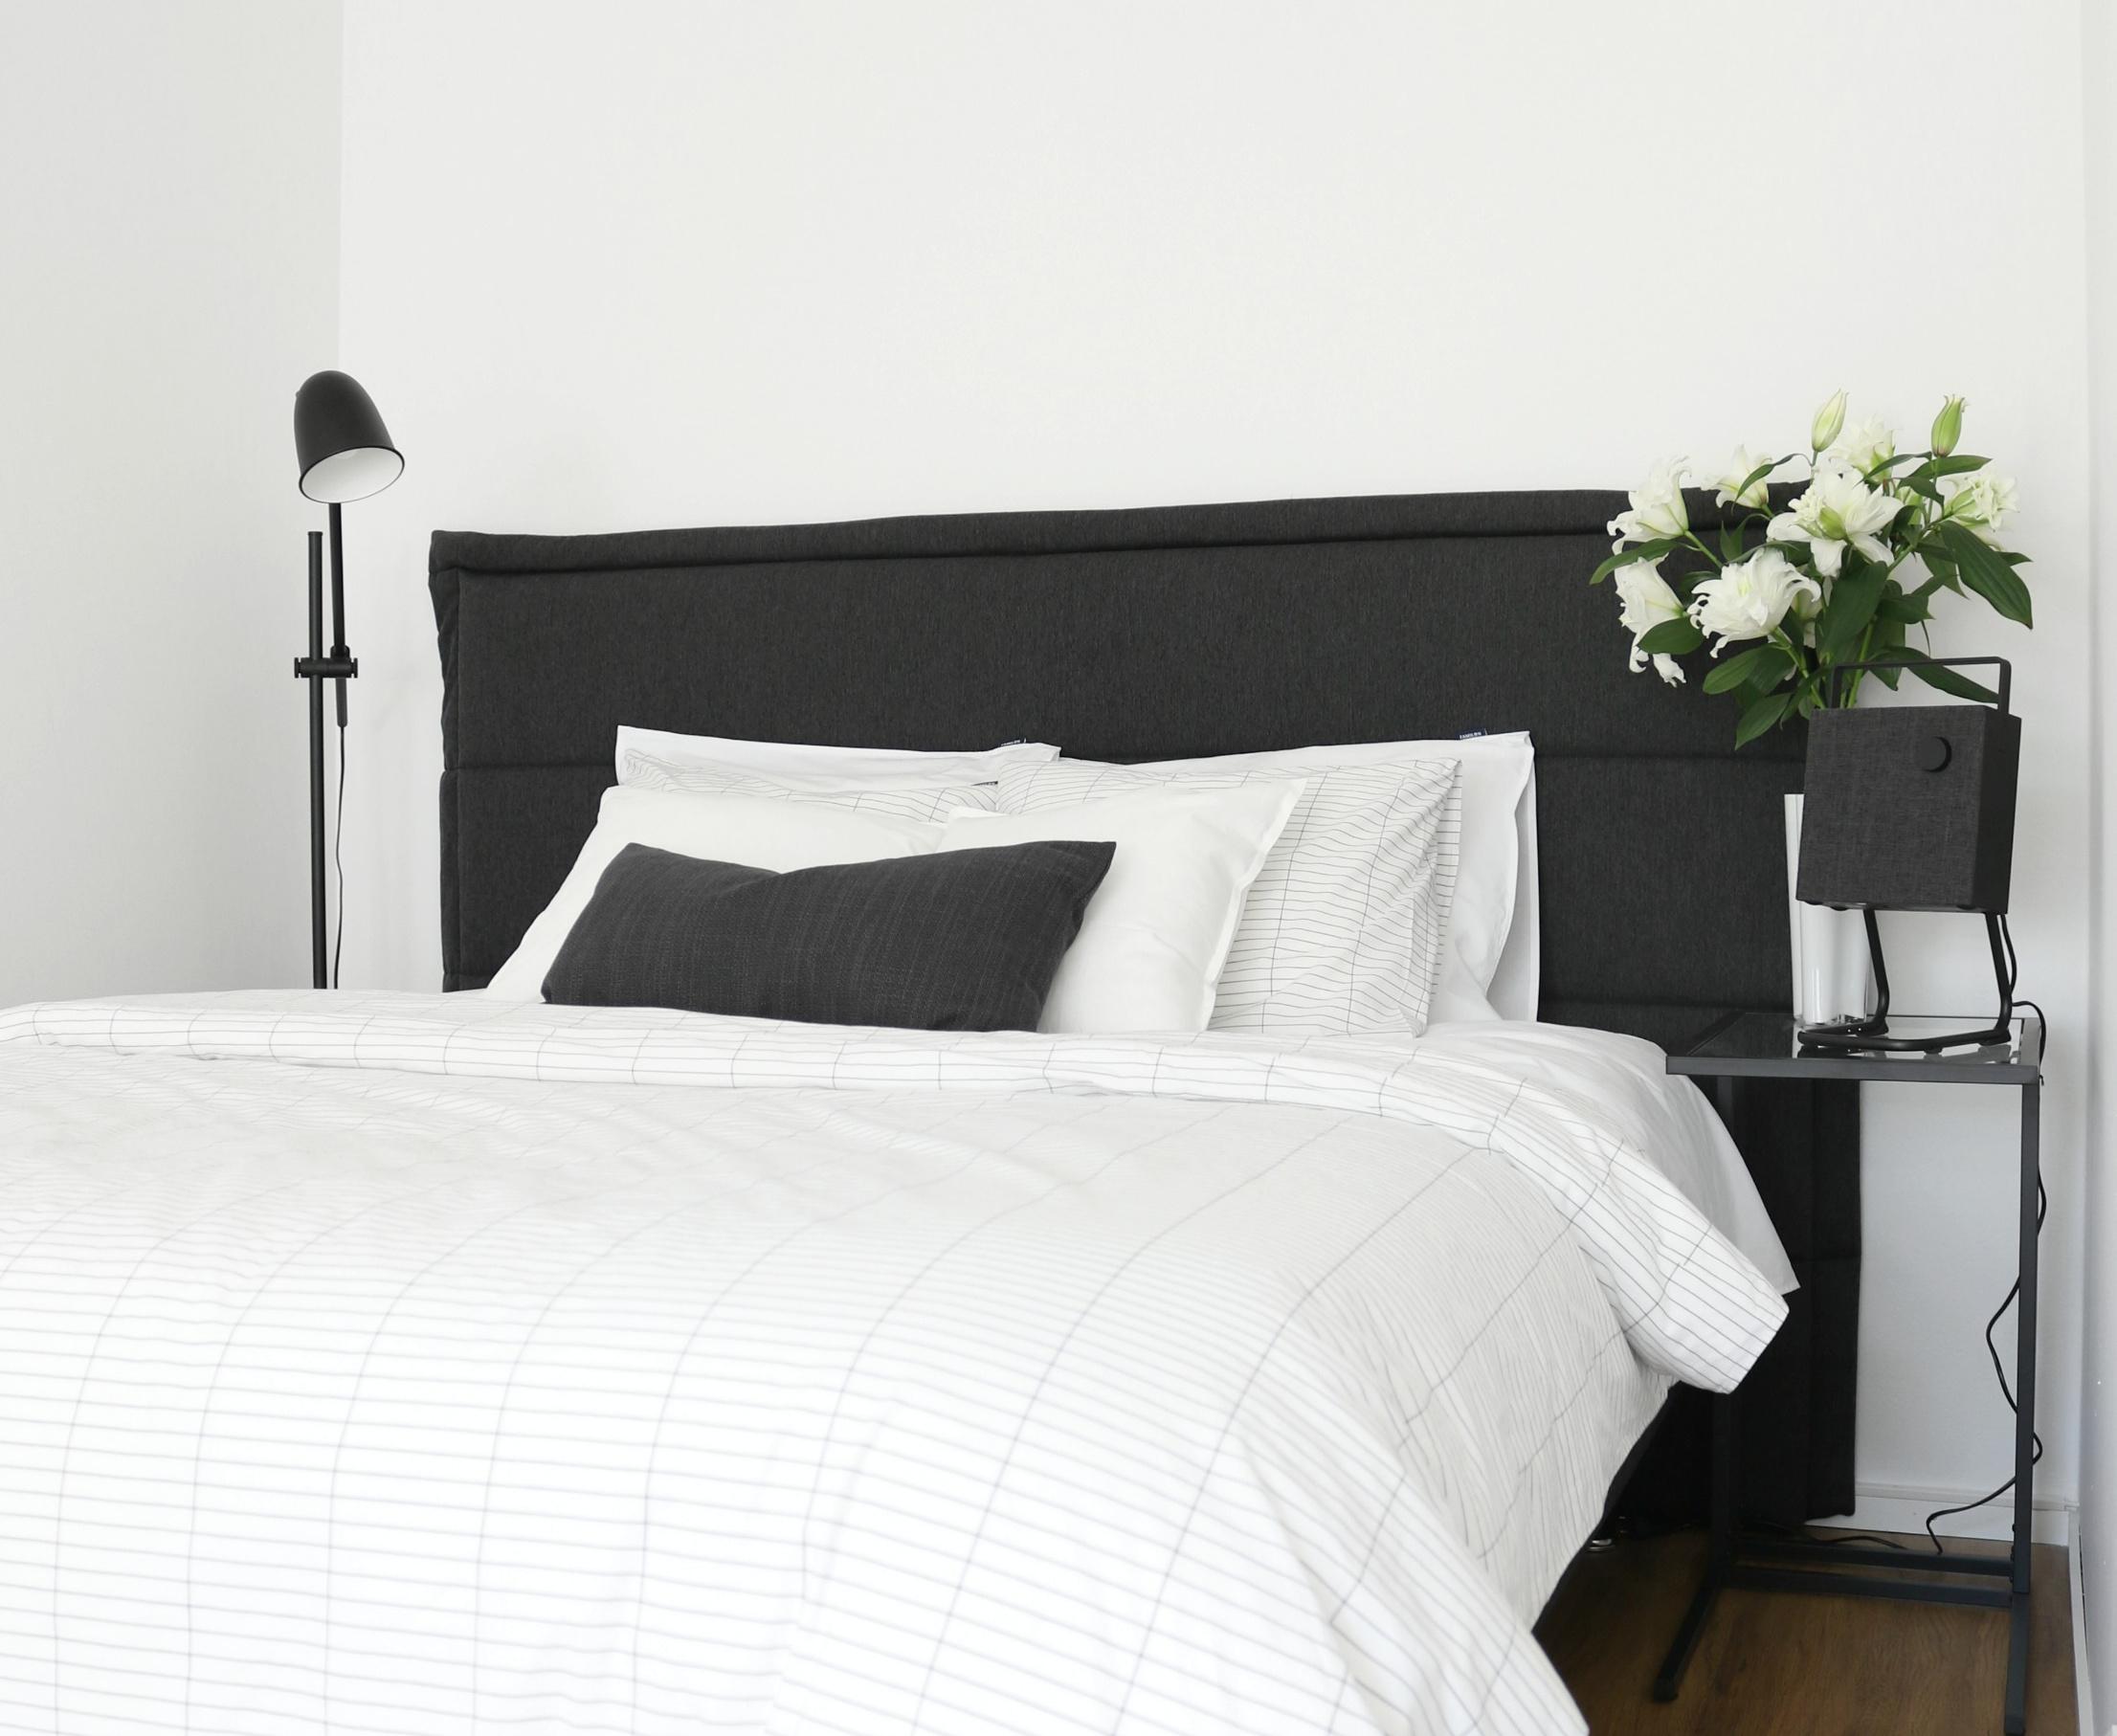 Pienen makuuhuoneen sisustus Familon Ultra joustinsänky ja sängynpääty yksiön sisustus Omakotivalkoinen